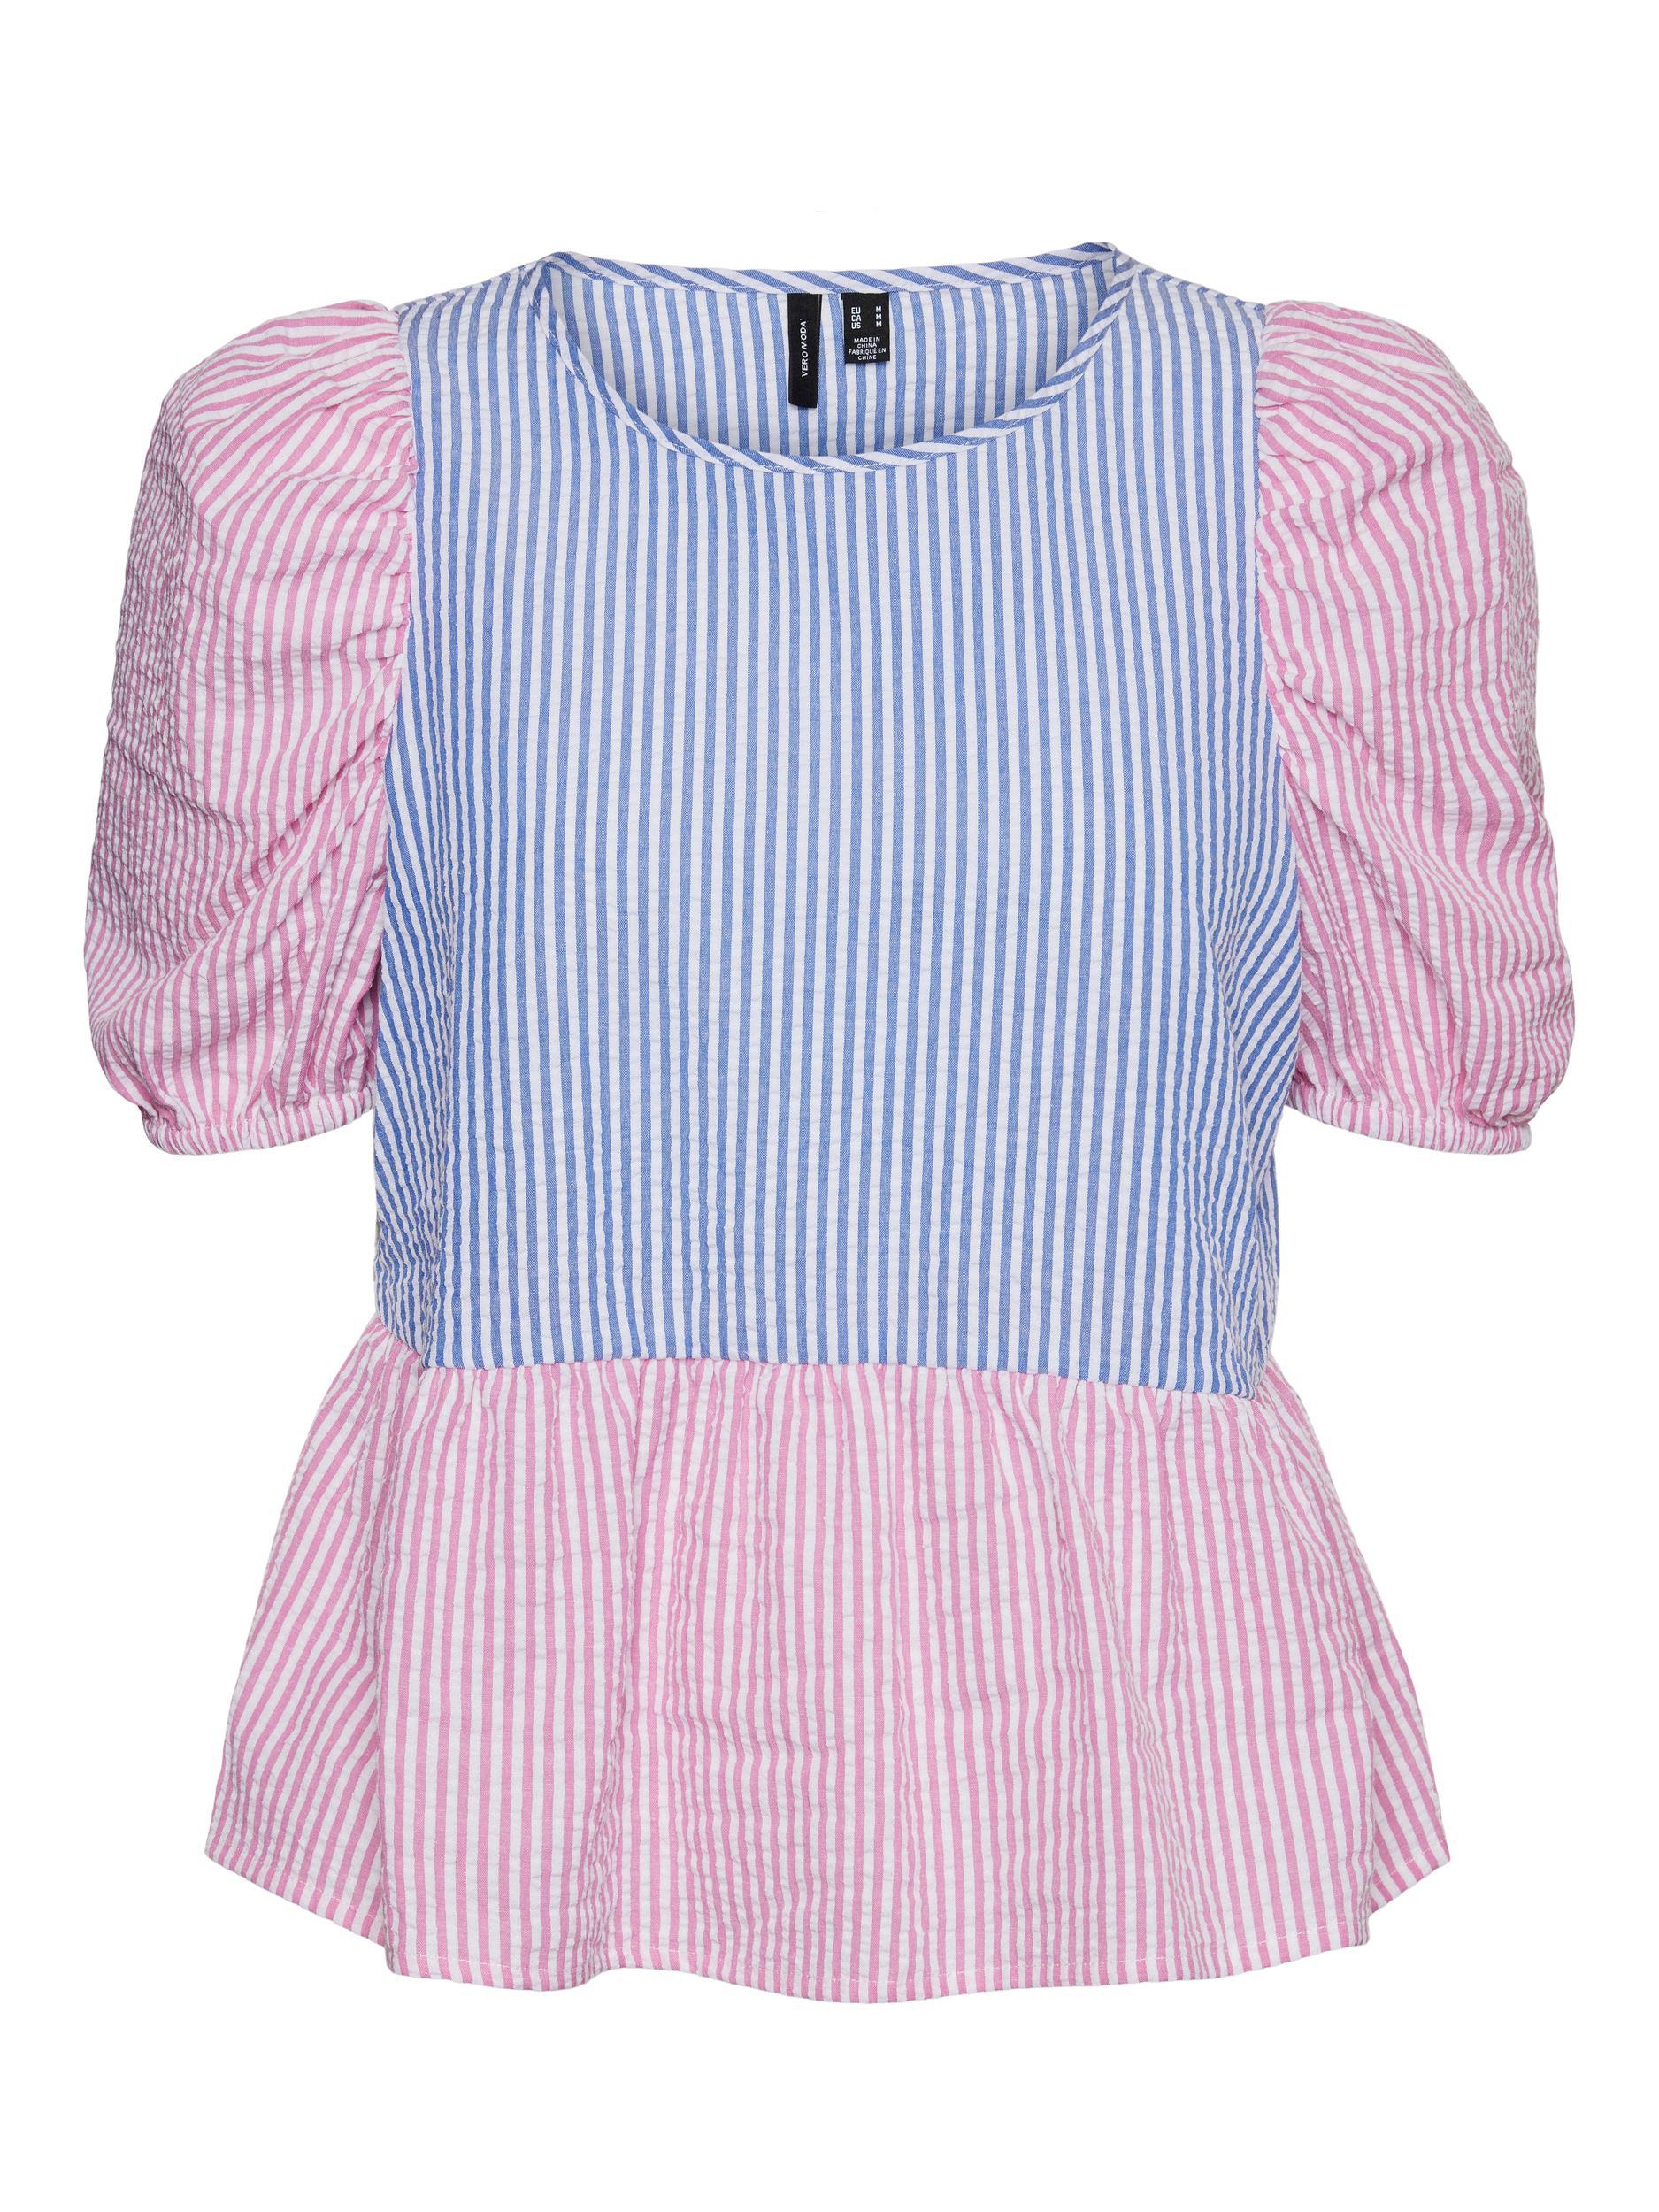 Vero Moda Iris bluse, white/pink, medium